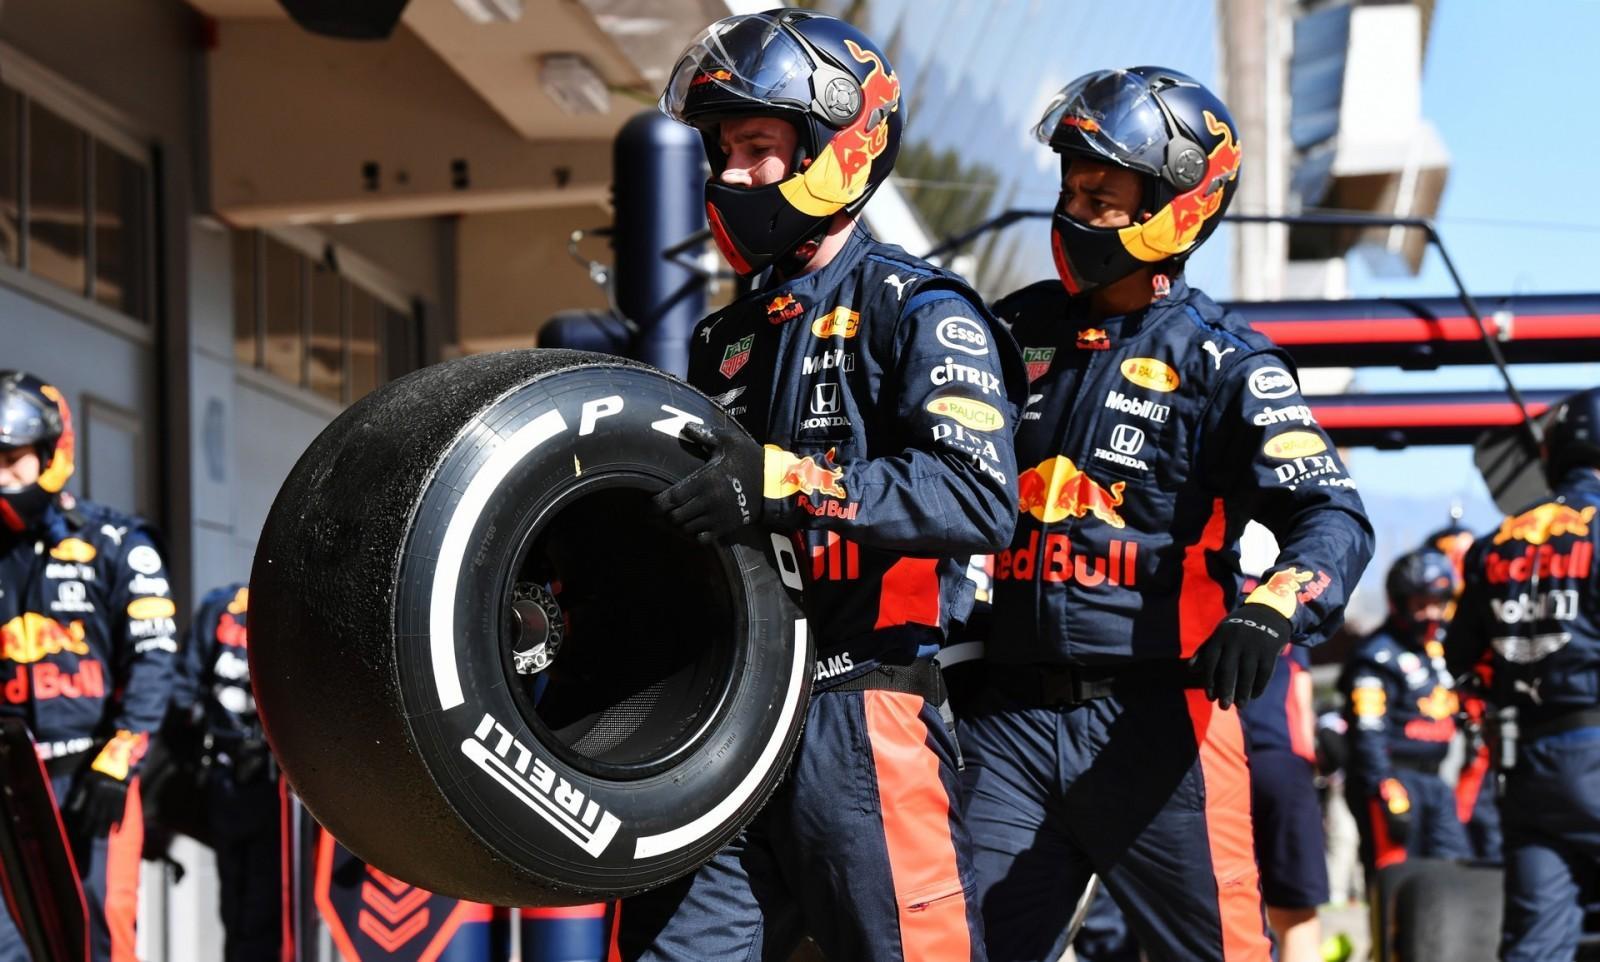 Пирелли предлагает командам Формулы-1 отказаться от выбора покрышек на Гран-при 2020 года